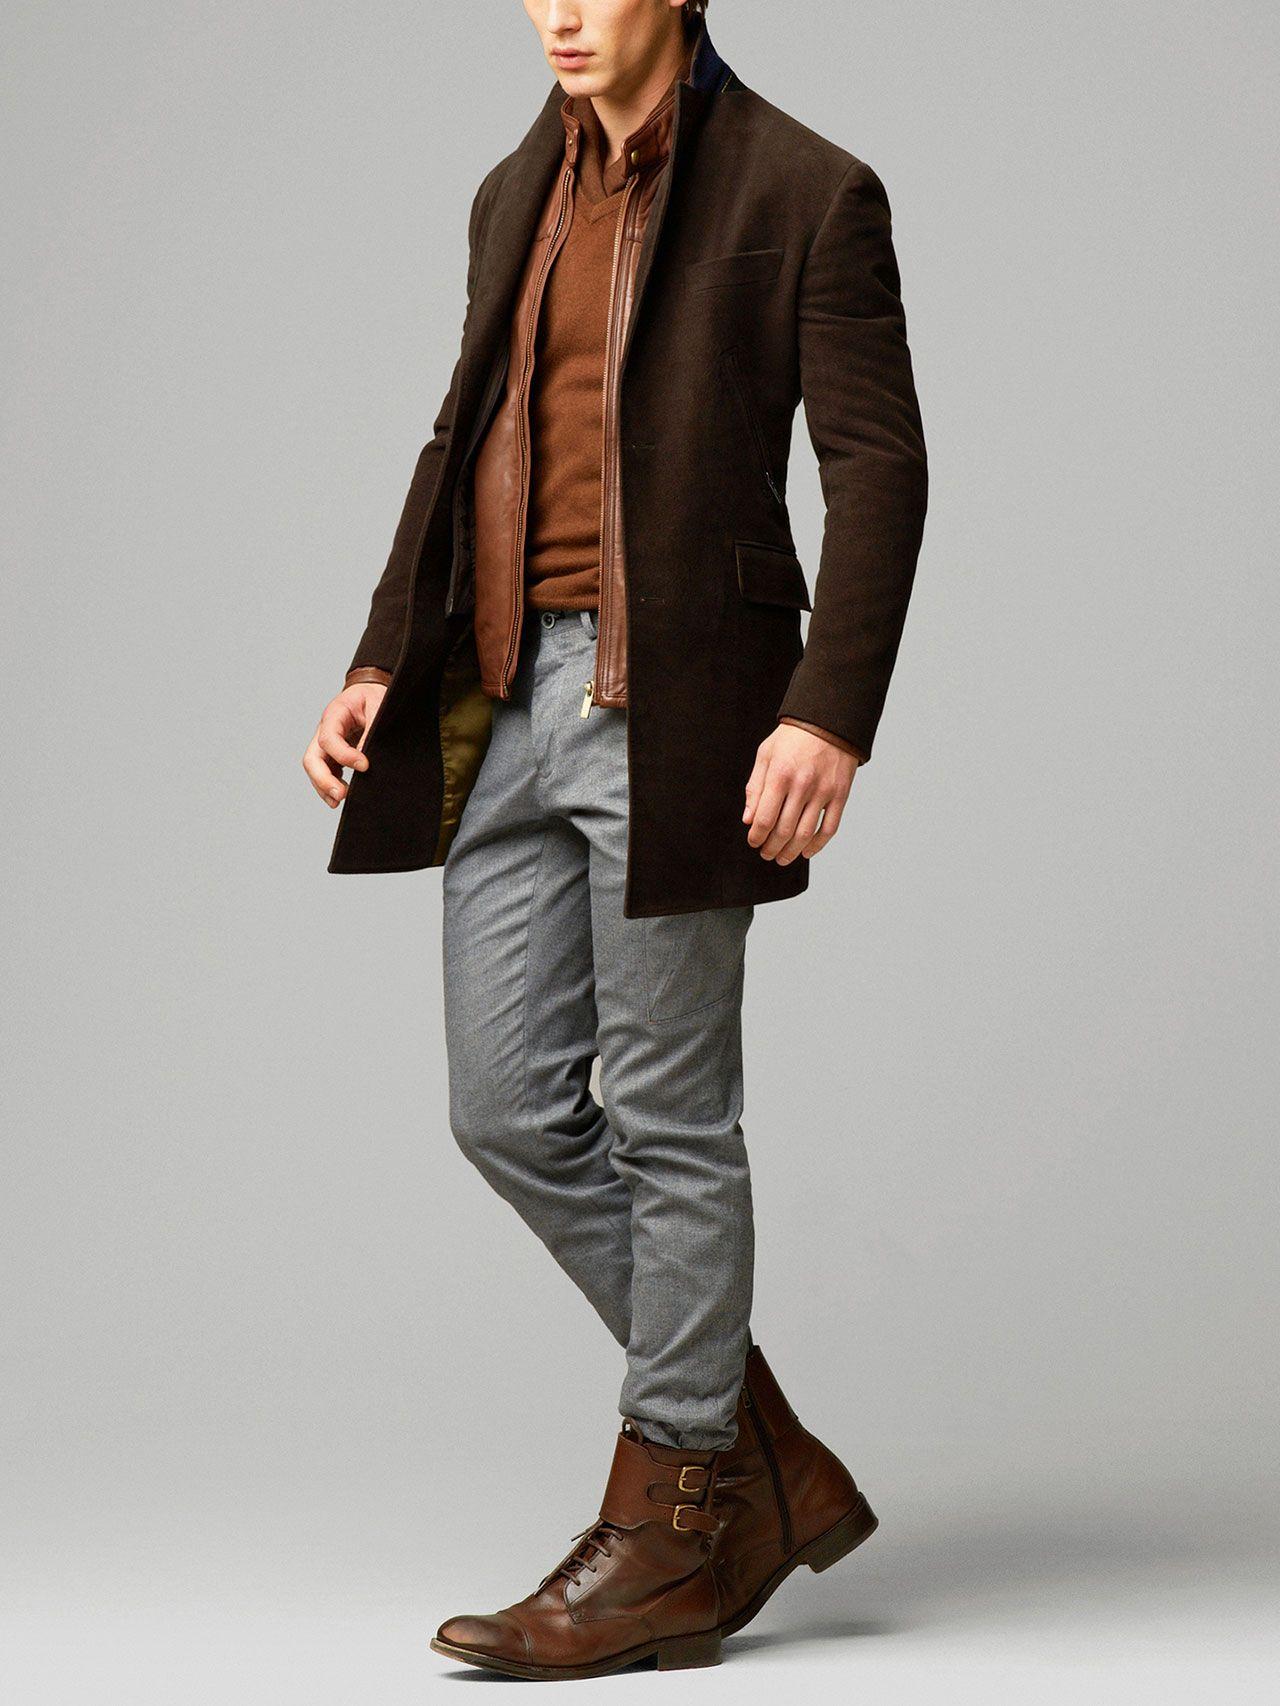 Velveteen coat massimo dutti for him pinterest